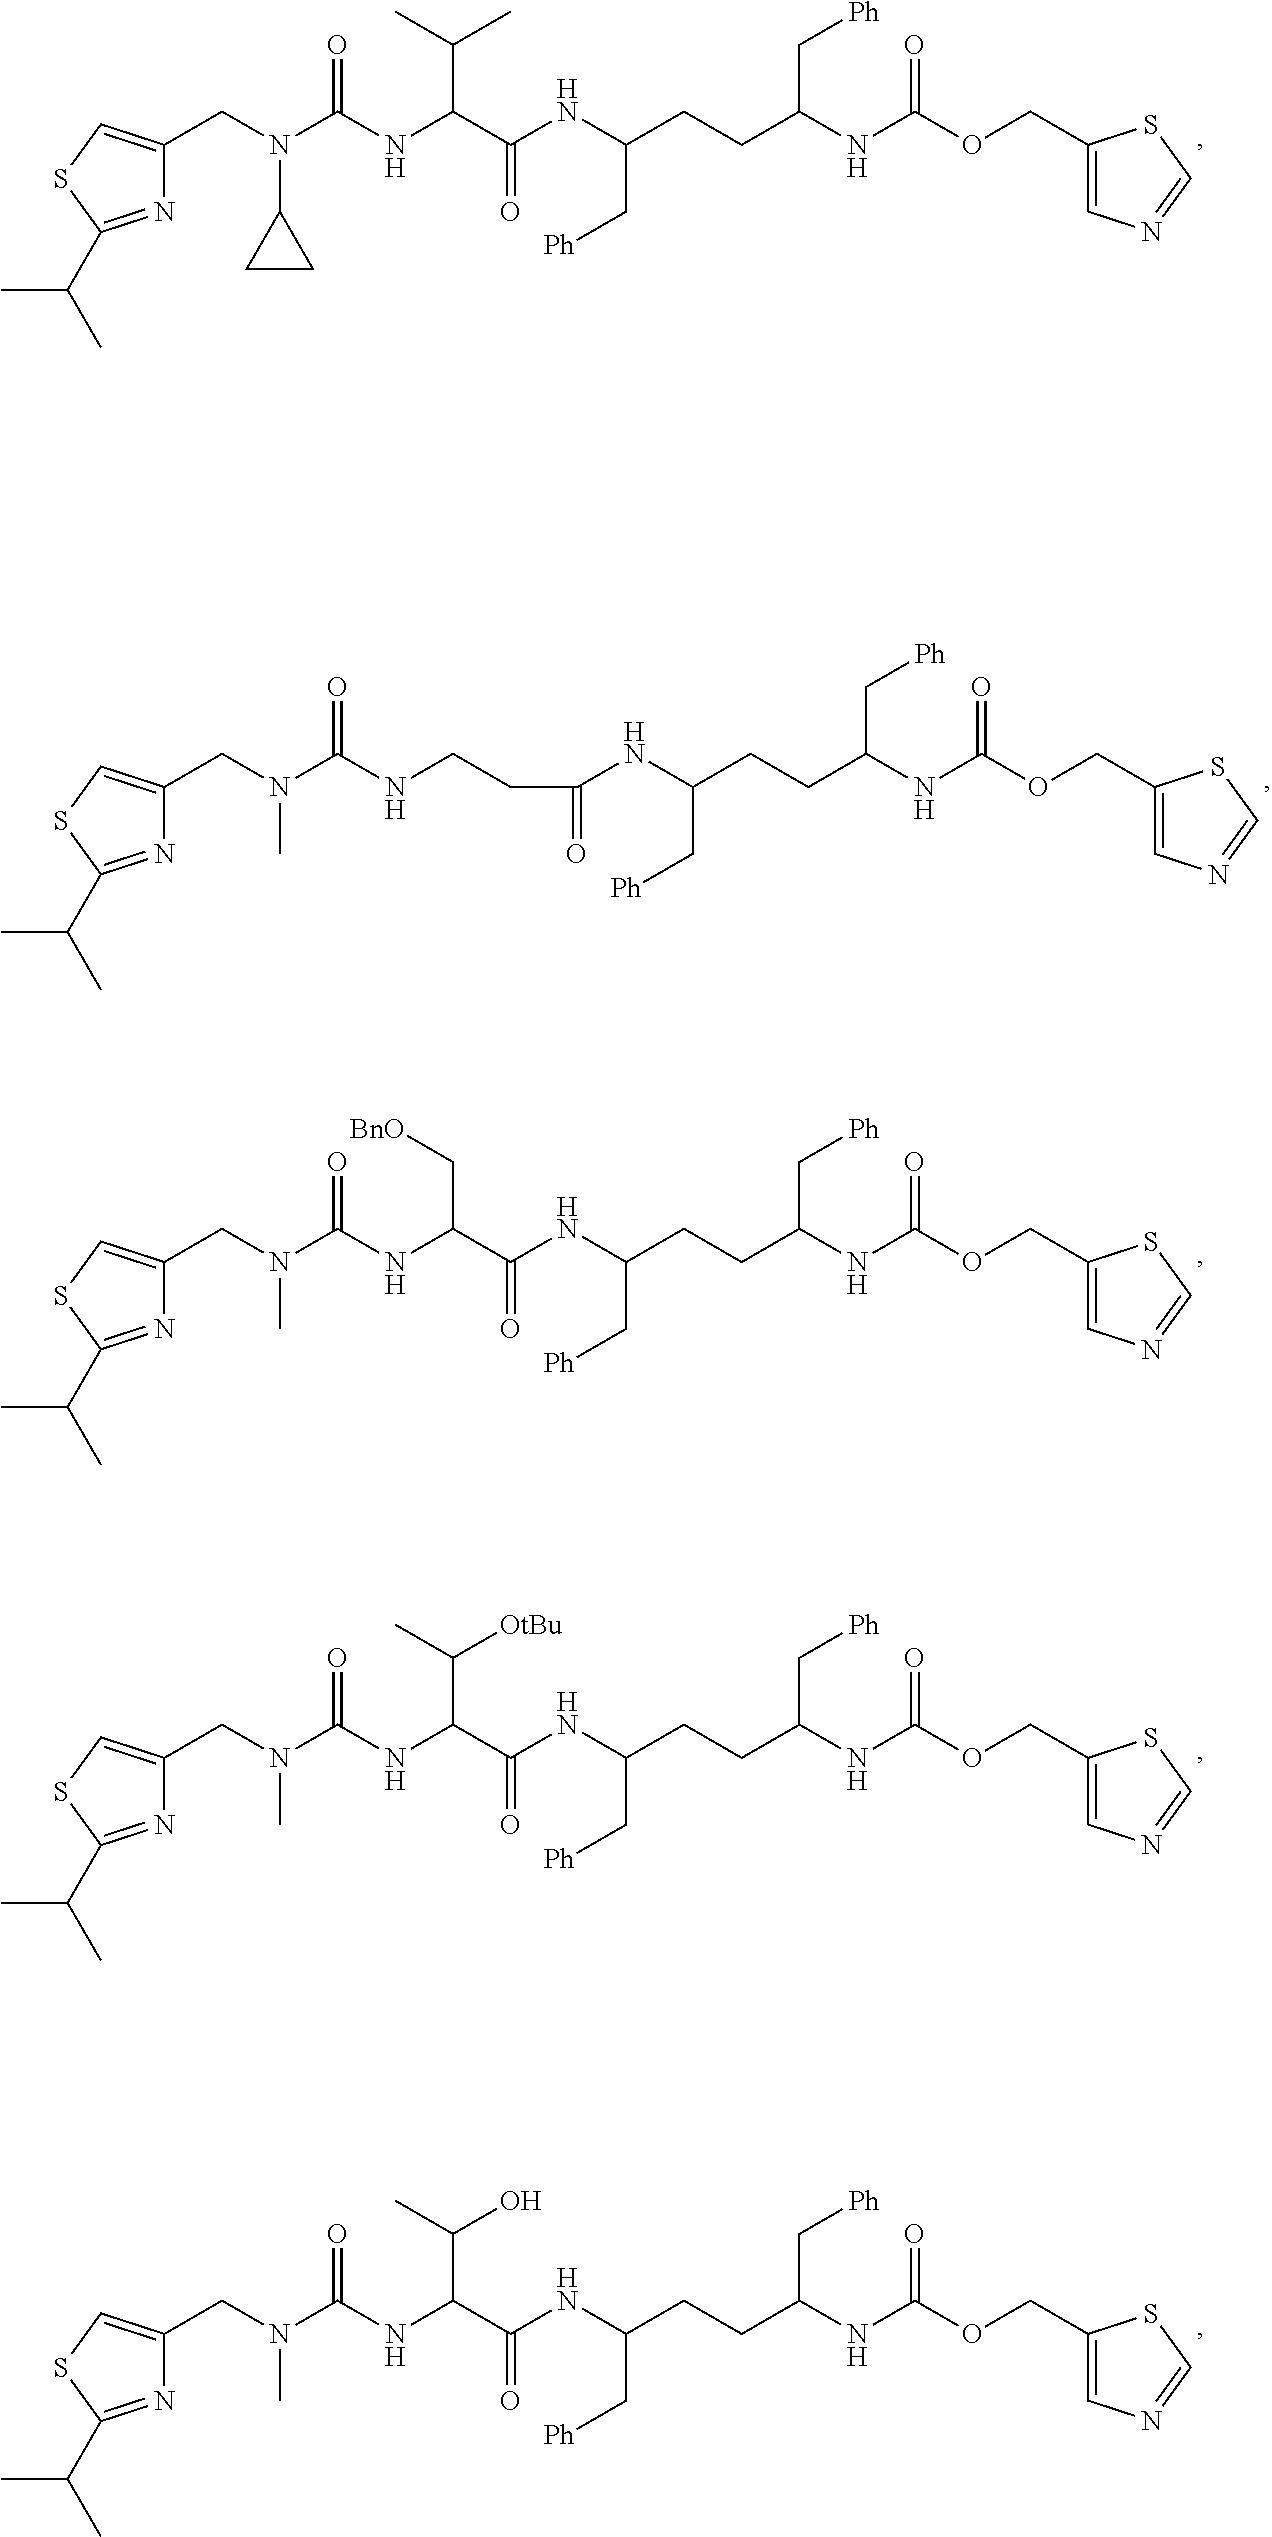 Figure US09891239-20180213-C00014